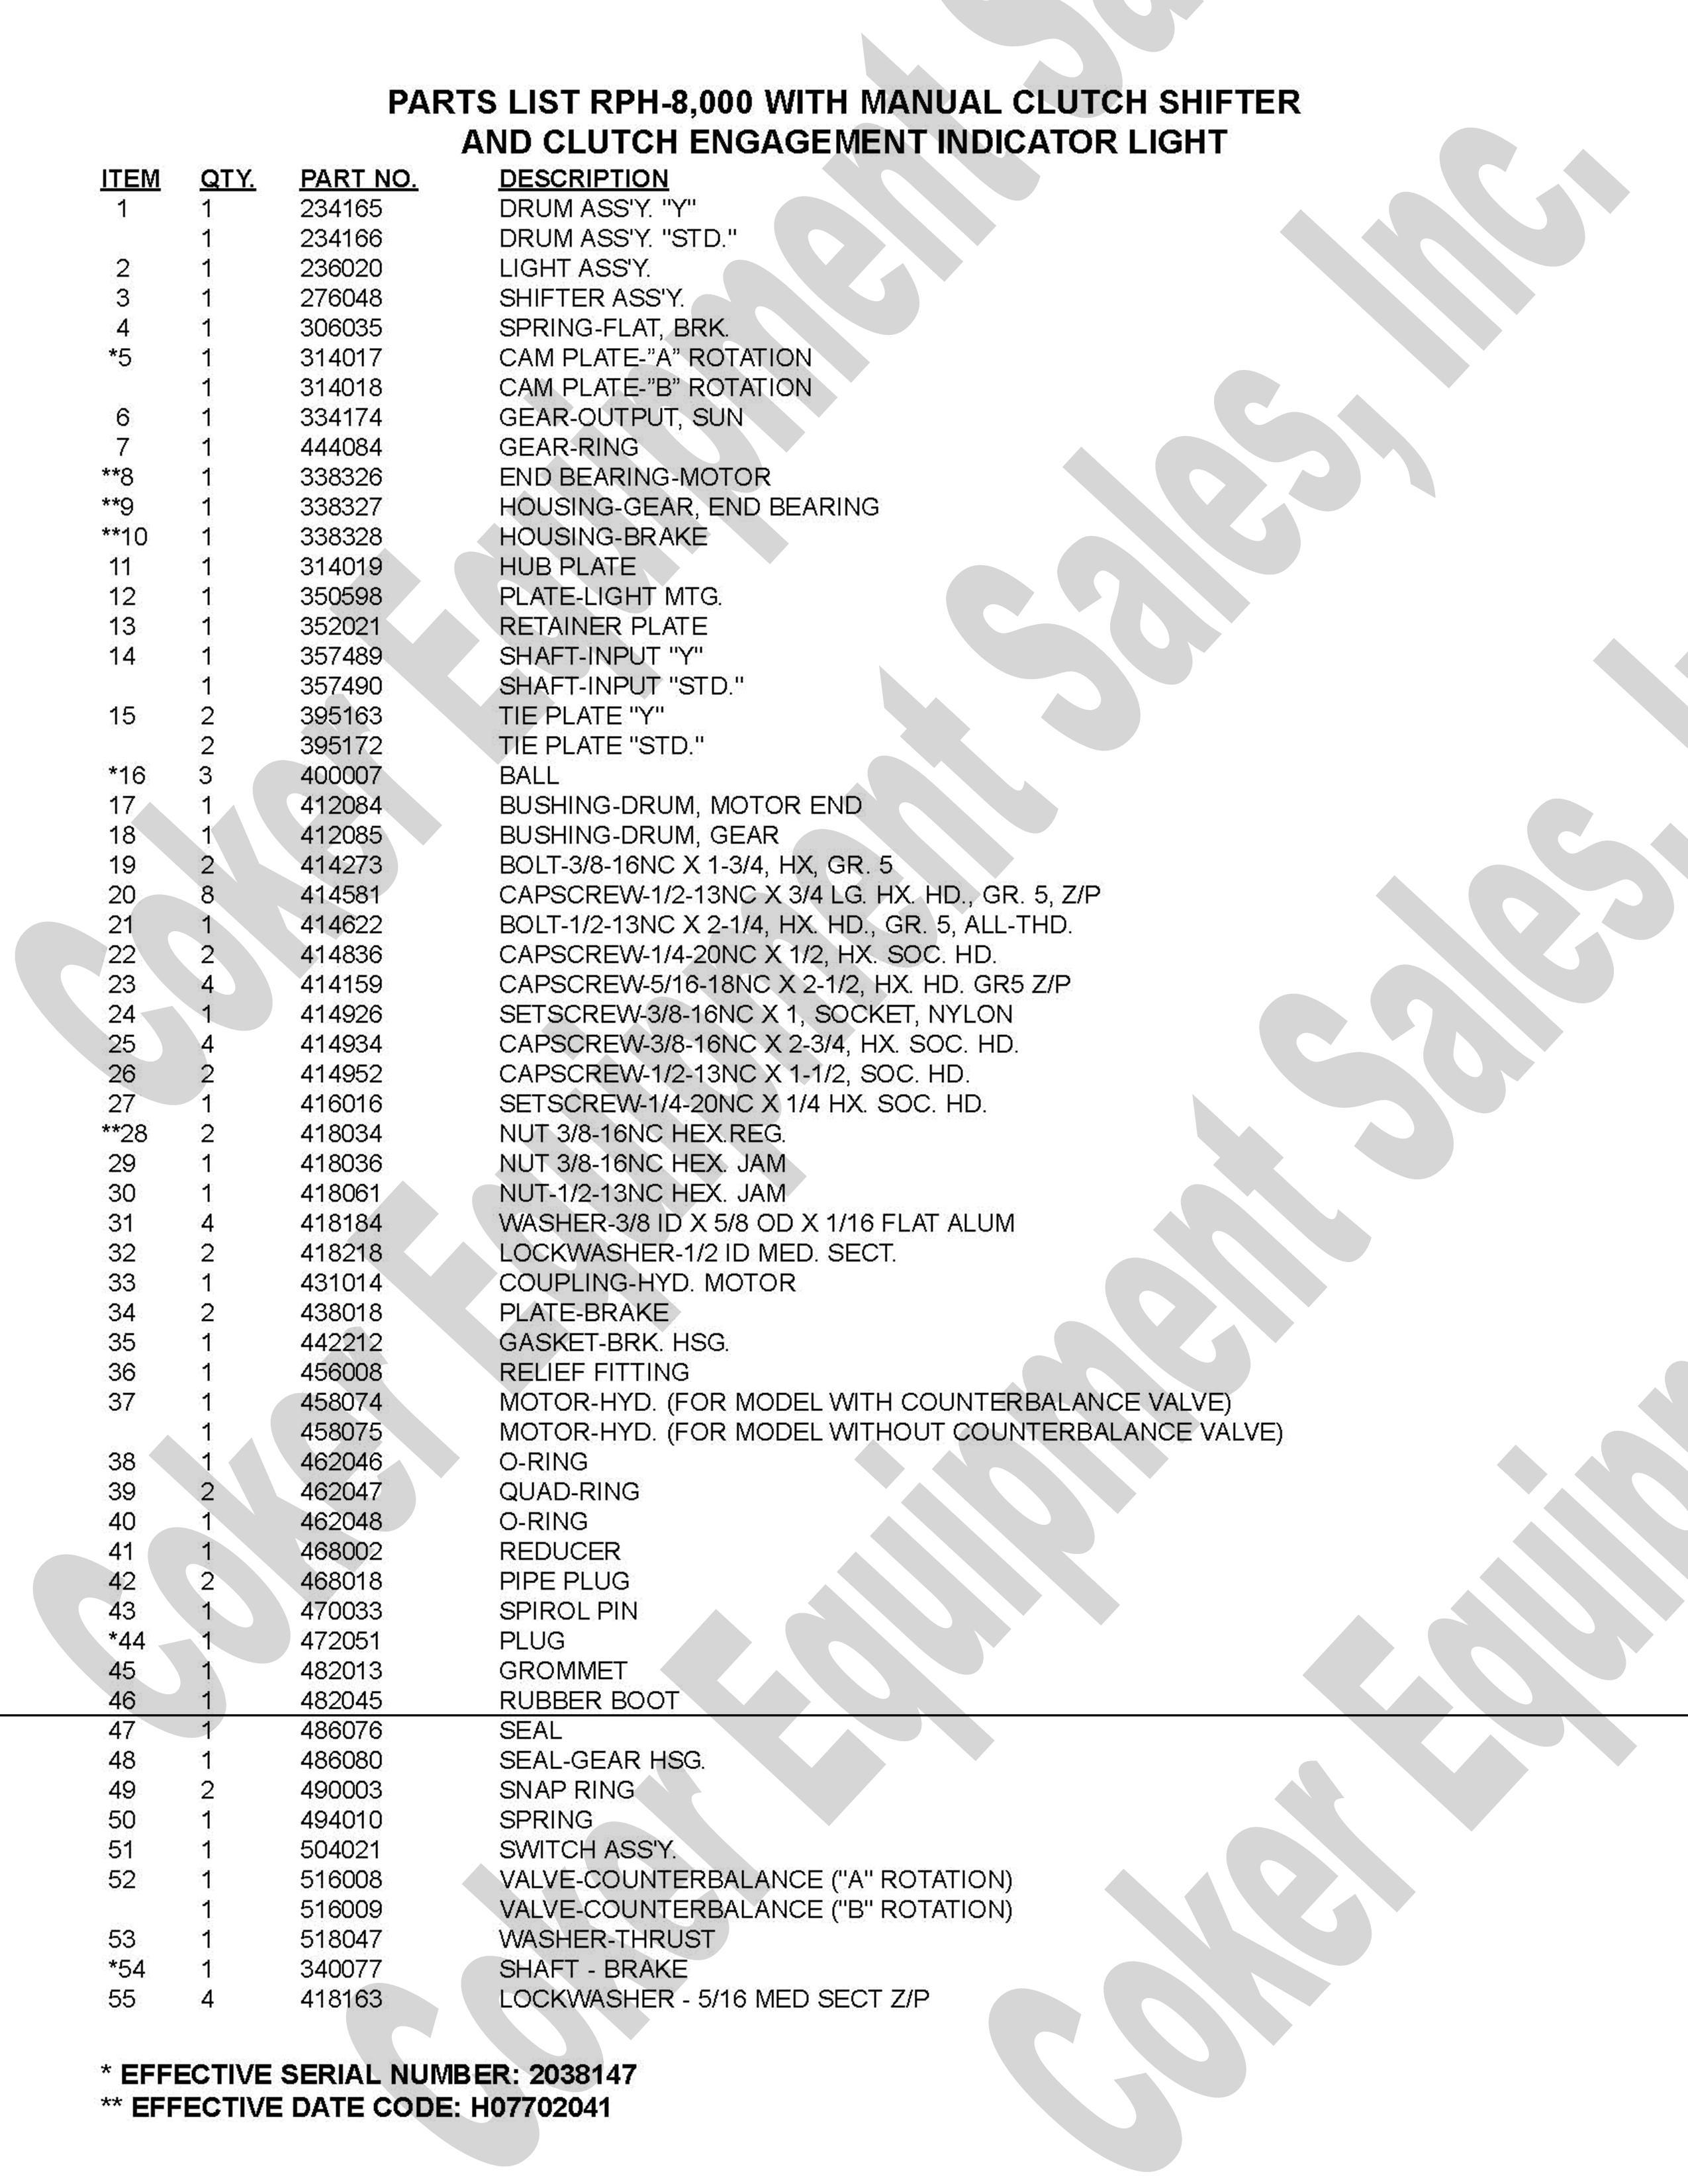 Ramsey H200 Winch Diagram Wiring Data Schema 8000 For Light Switch U2022 Rh Lomond Tw Hydraulic Schematic Parts